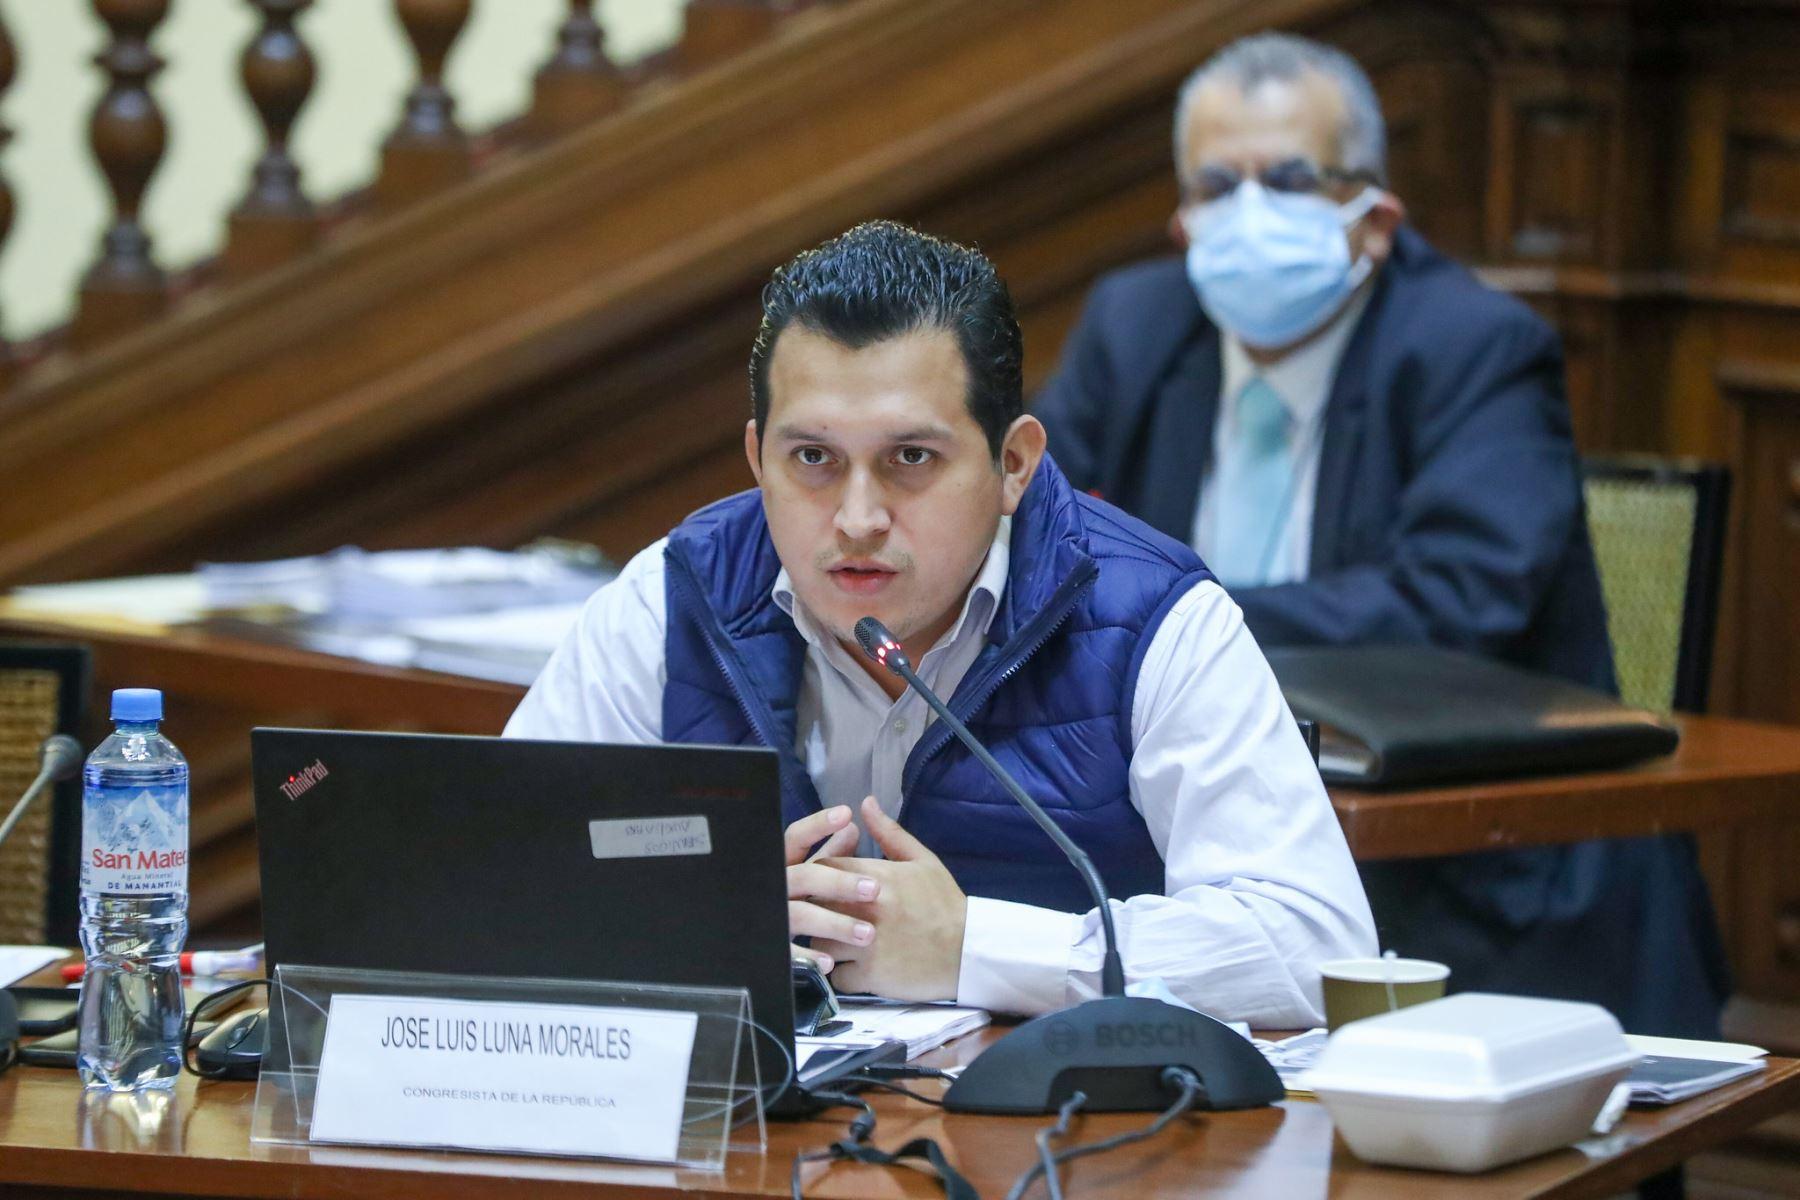 Comisión Especial de selección de candidatos aptos para la elección de magistrados de Tribunal Constitucional. Congresista Jose Luis Luna Morales. Foto: Congreso